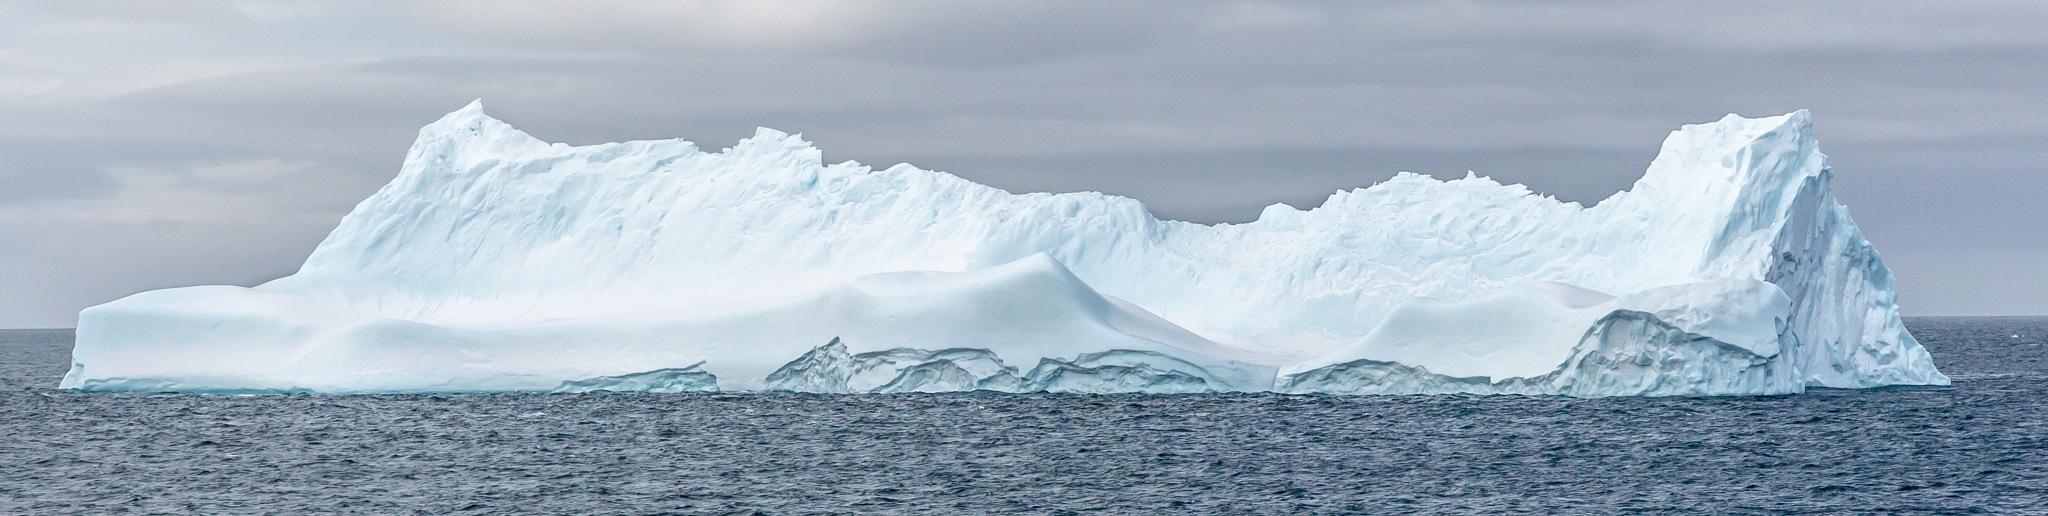 Iceberg, Antarctica by Robert White